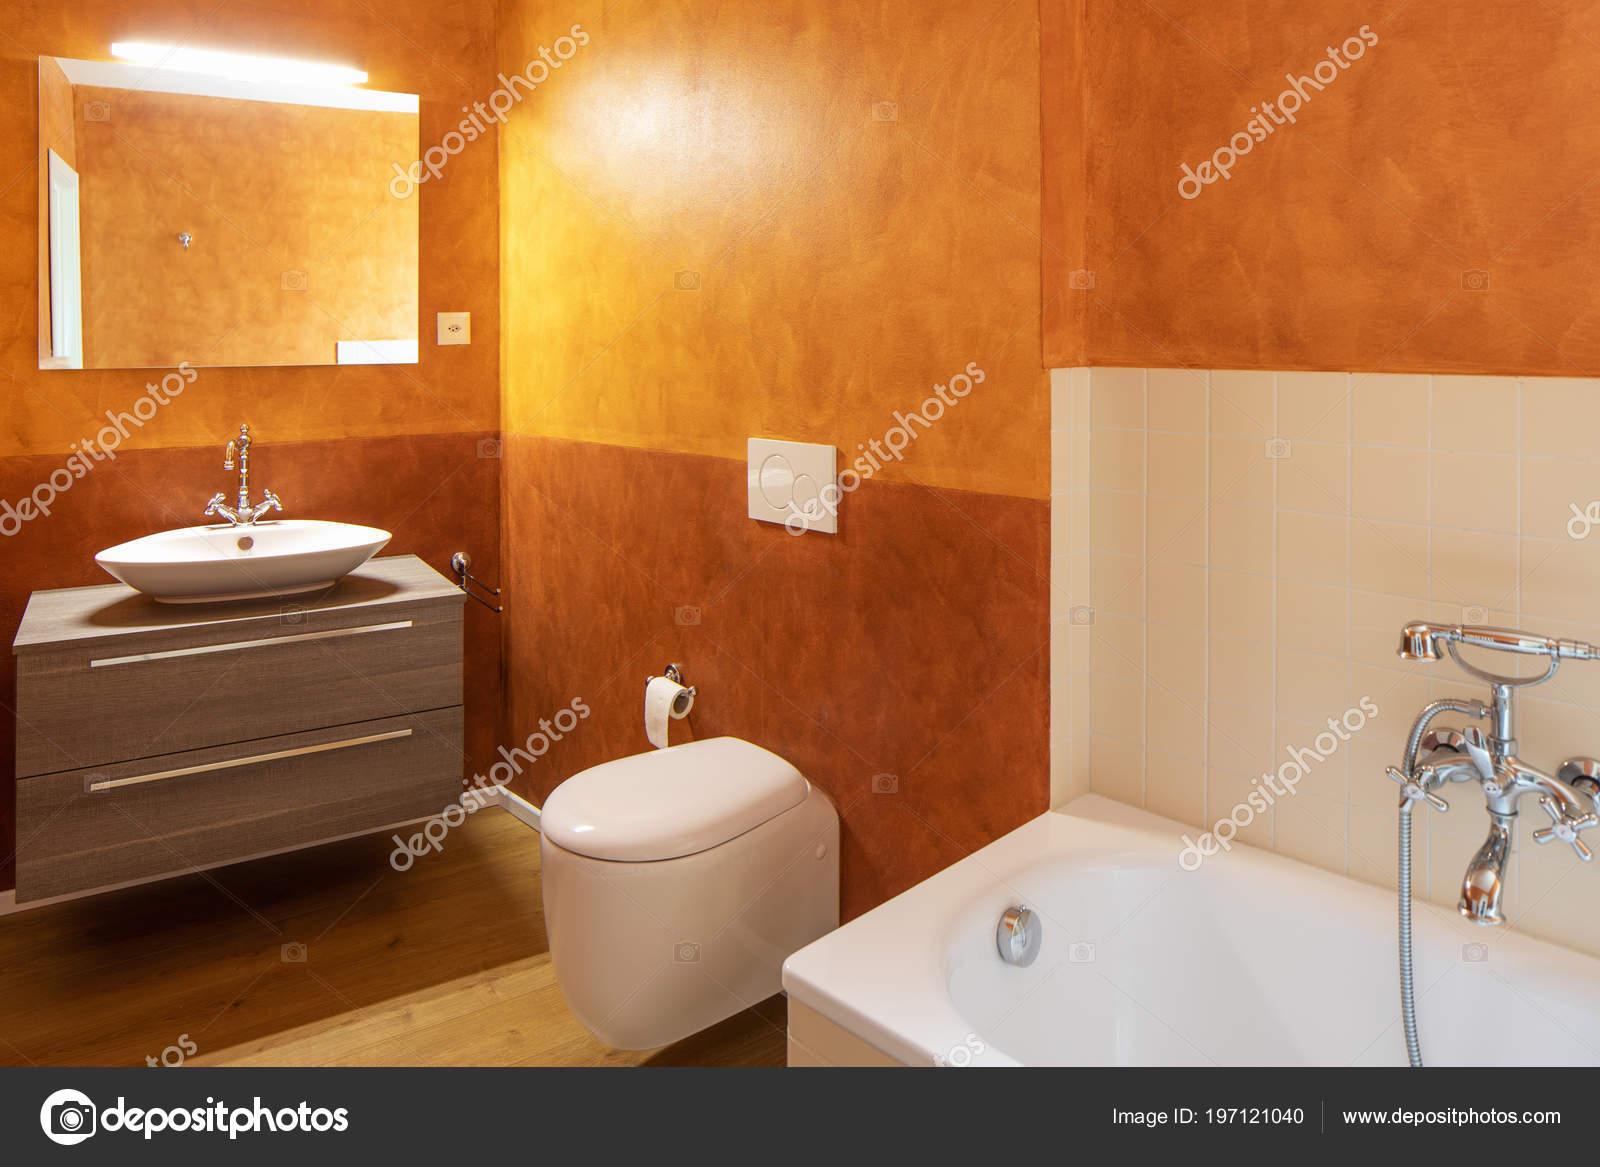 Pareti Colore Arancione : Bagno con finiture moderne pareti color arancio nessuno all interno